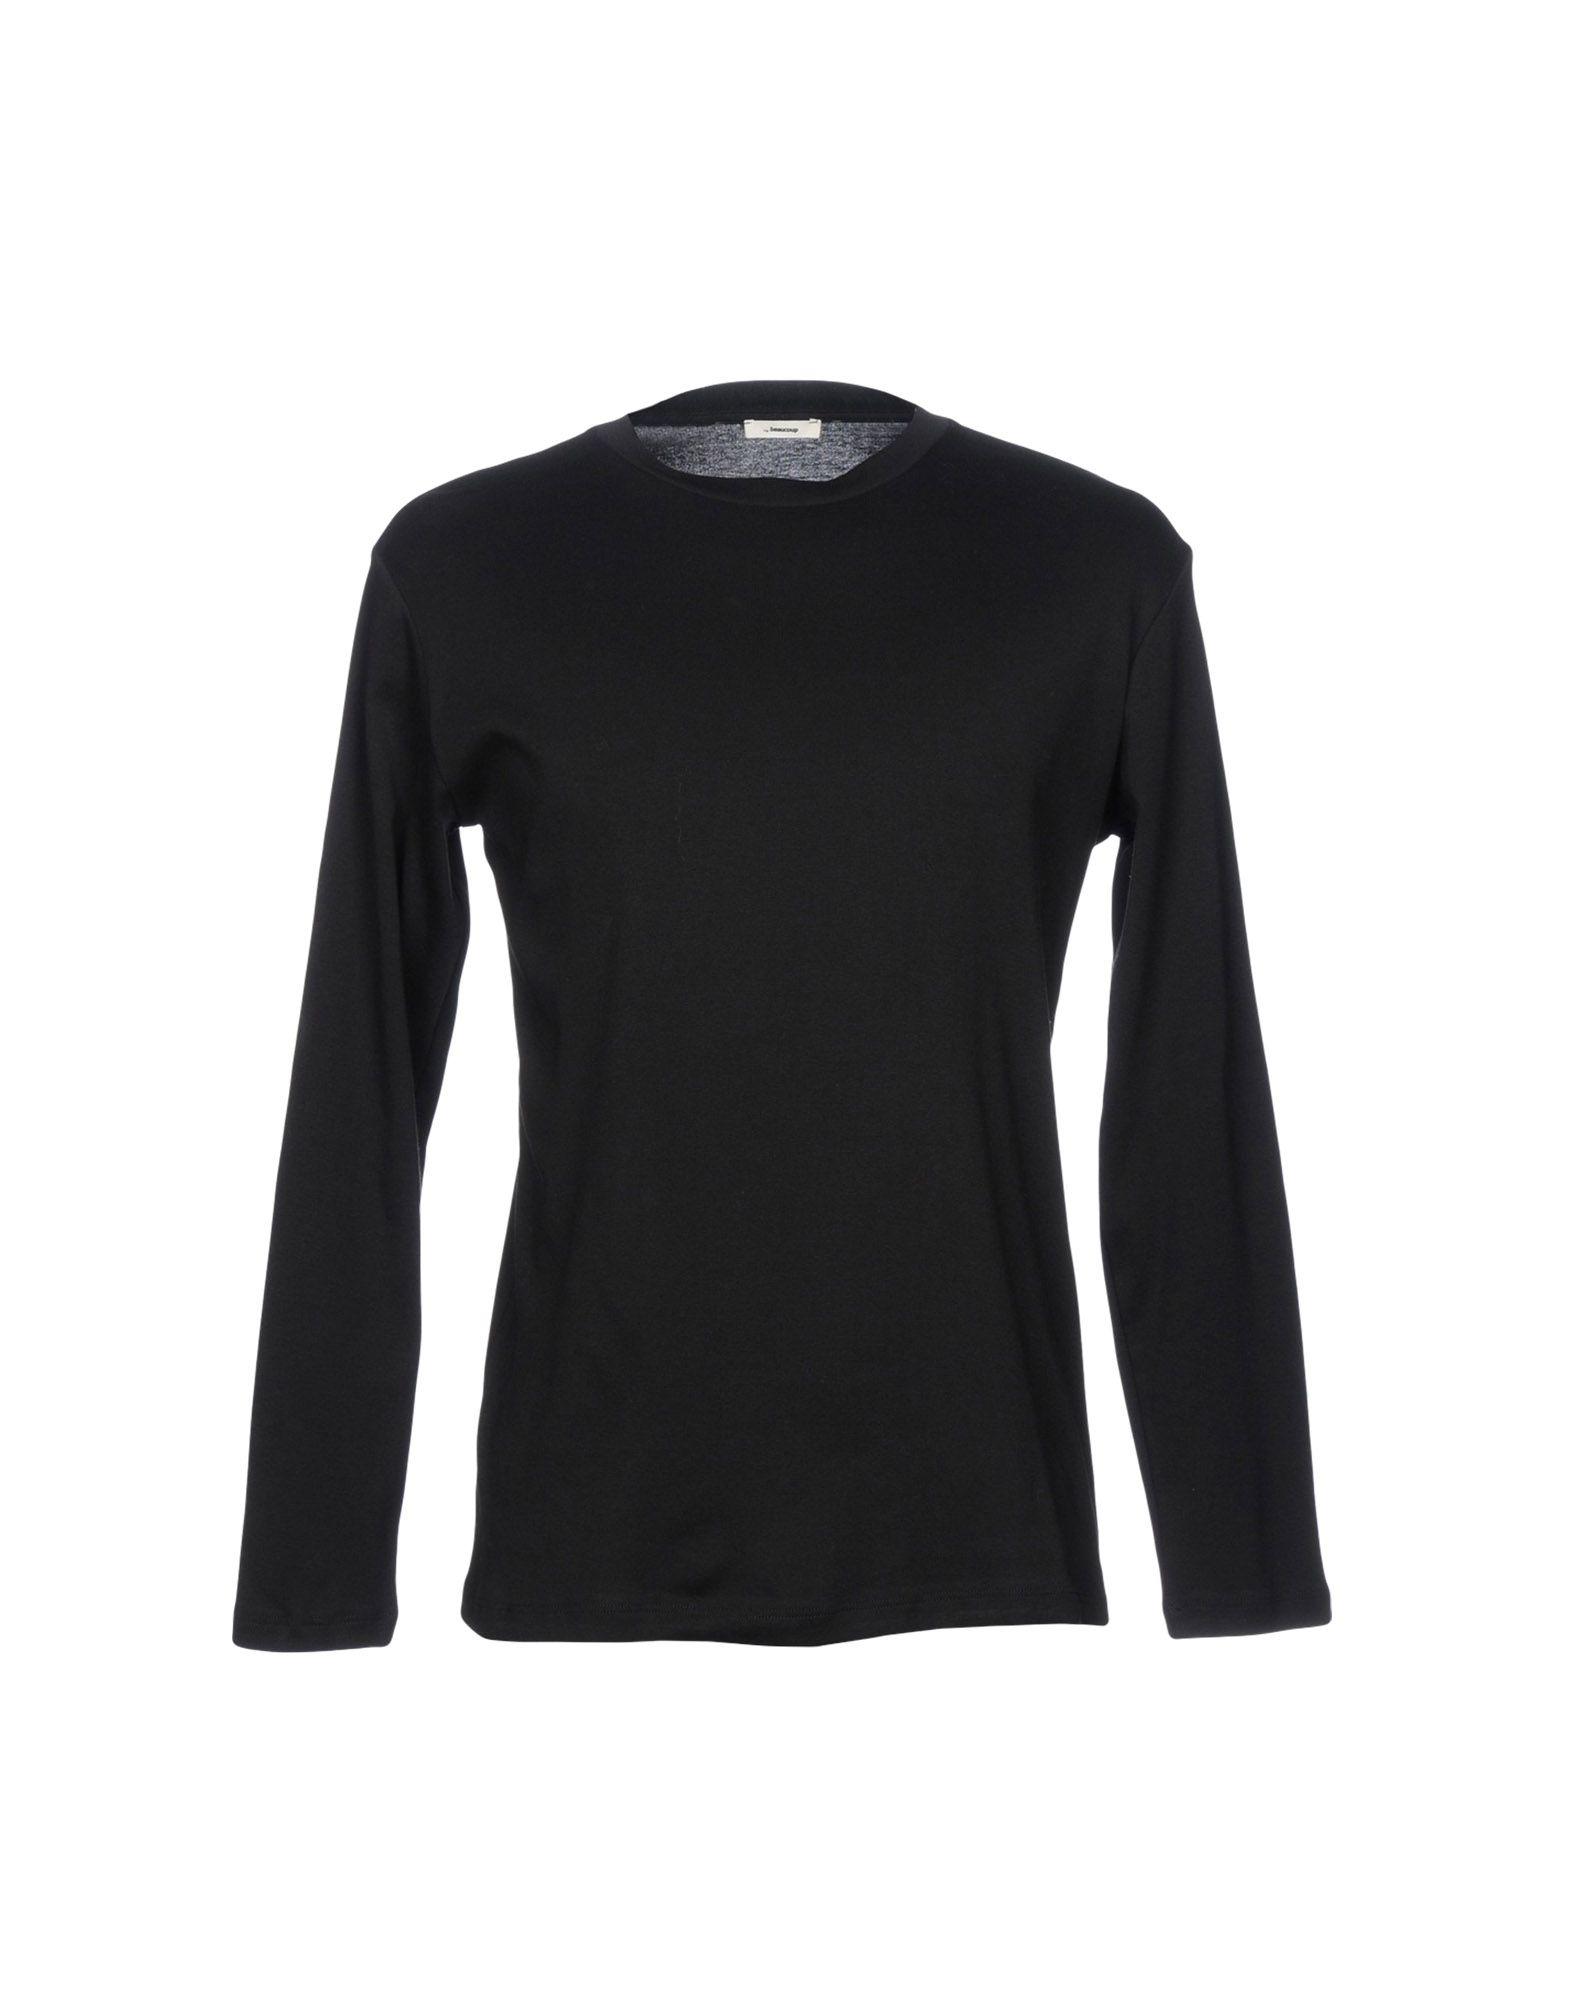 《送料無料》,BEAUCOUP メンズ T シャツ ブラック M コットン 100%